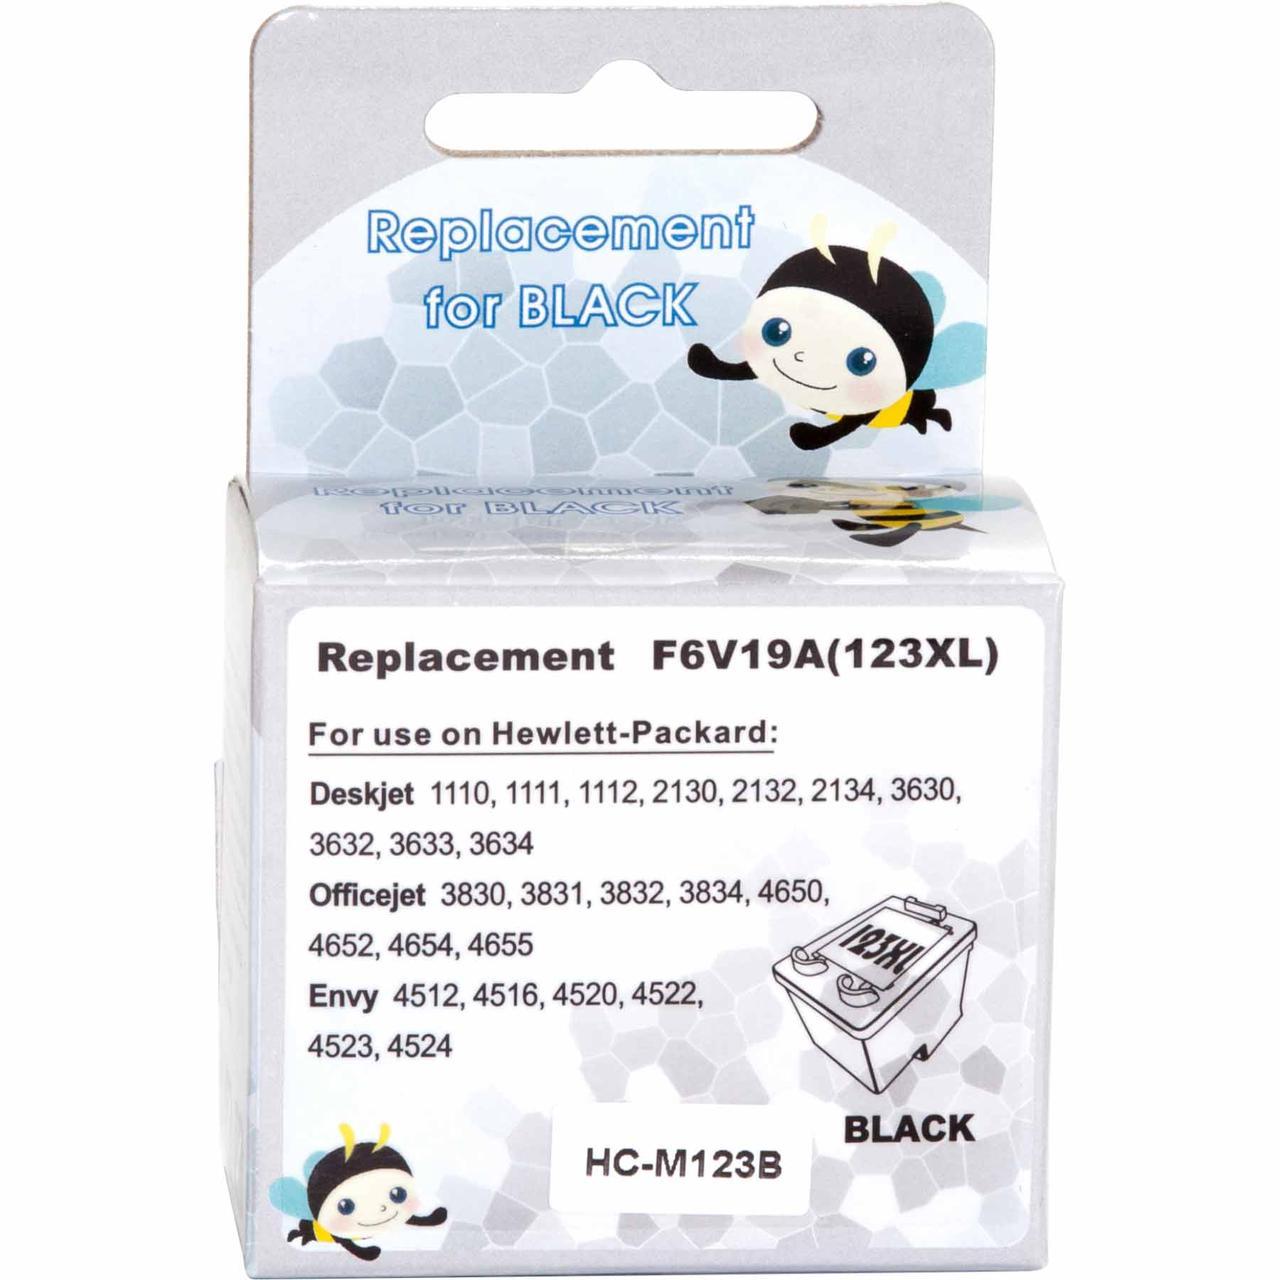 Картридж MicroJet для HP DJ 2130 аналог HP №123XL Black (HC-M123B) повышенной емкости